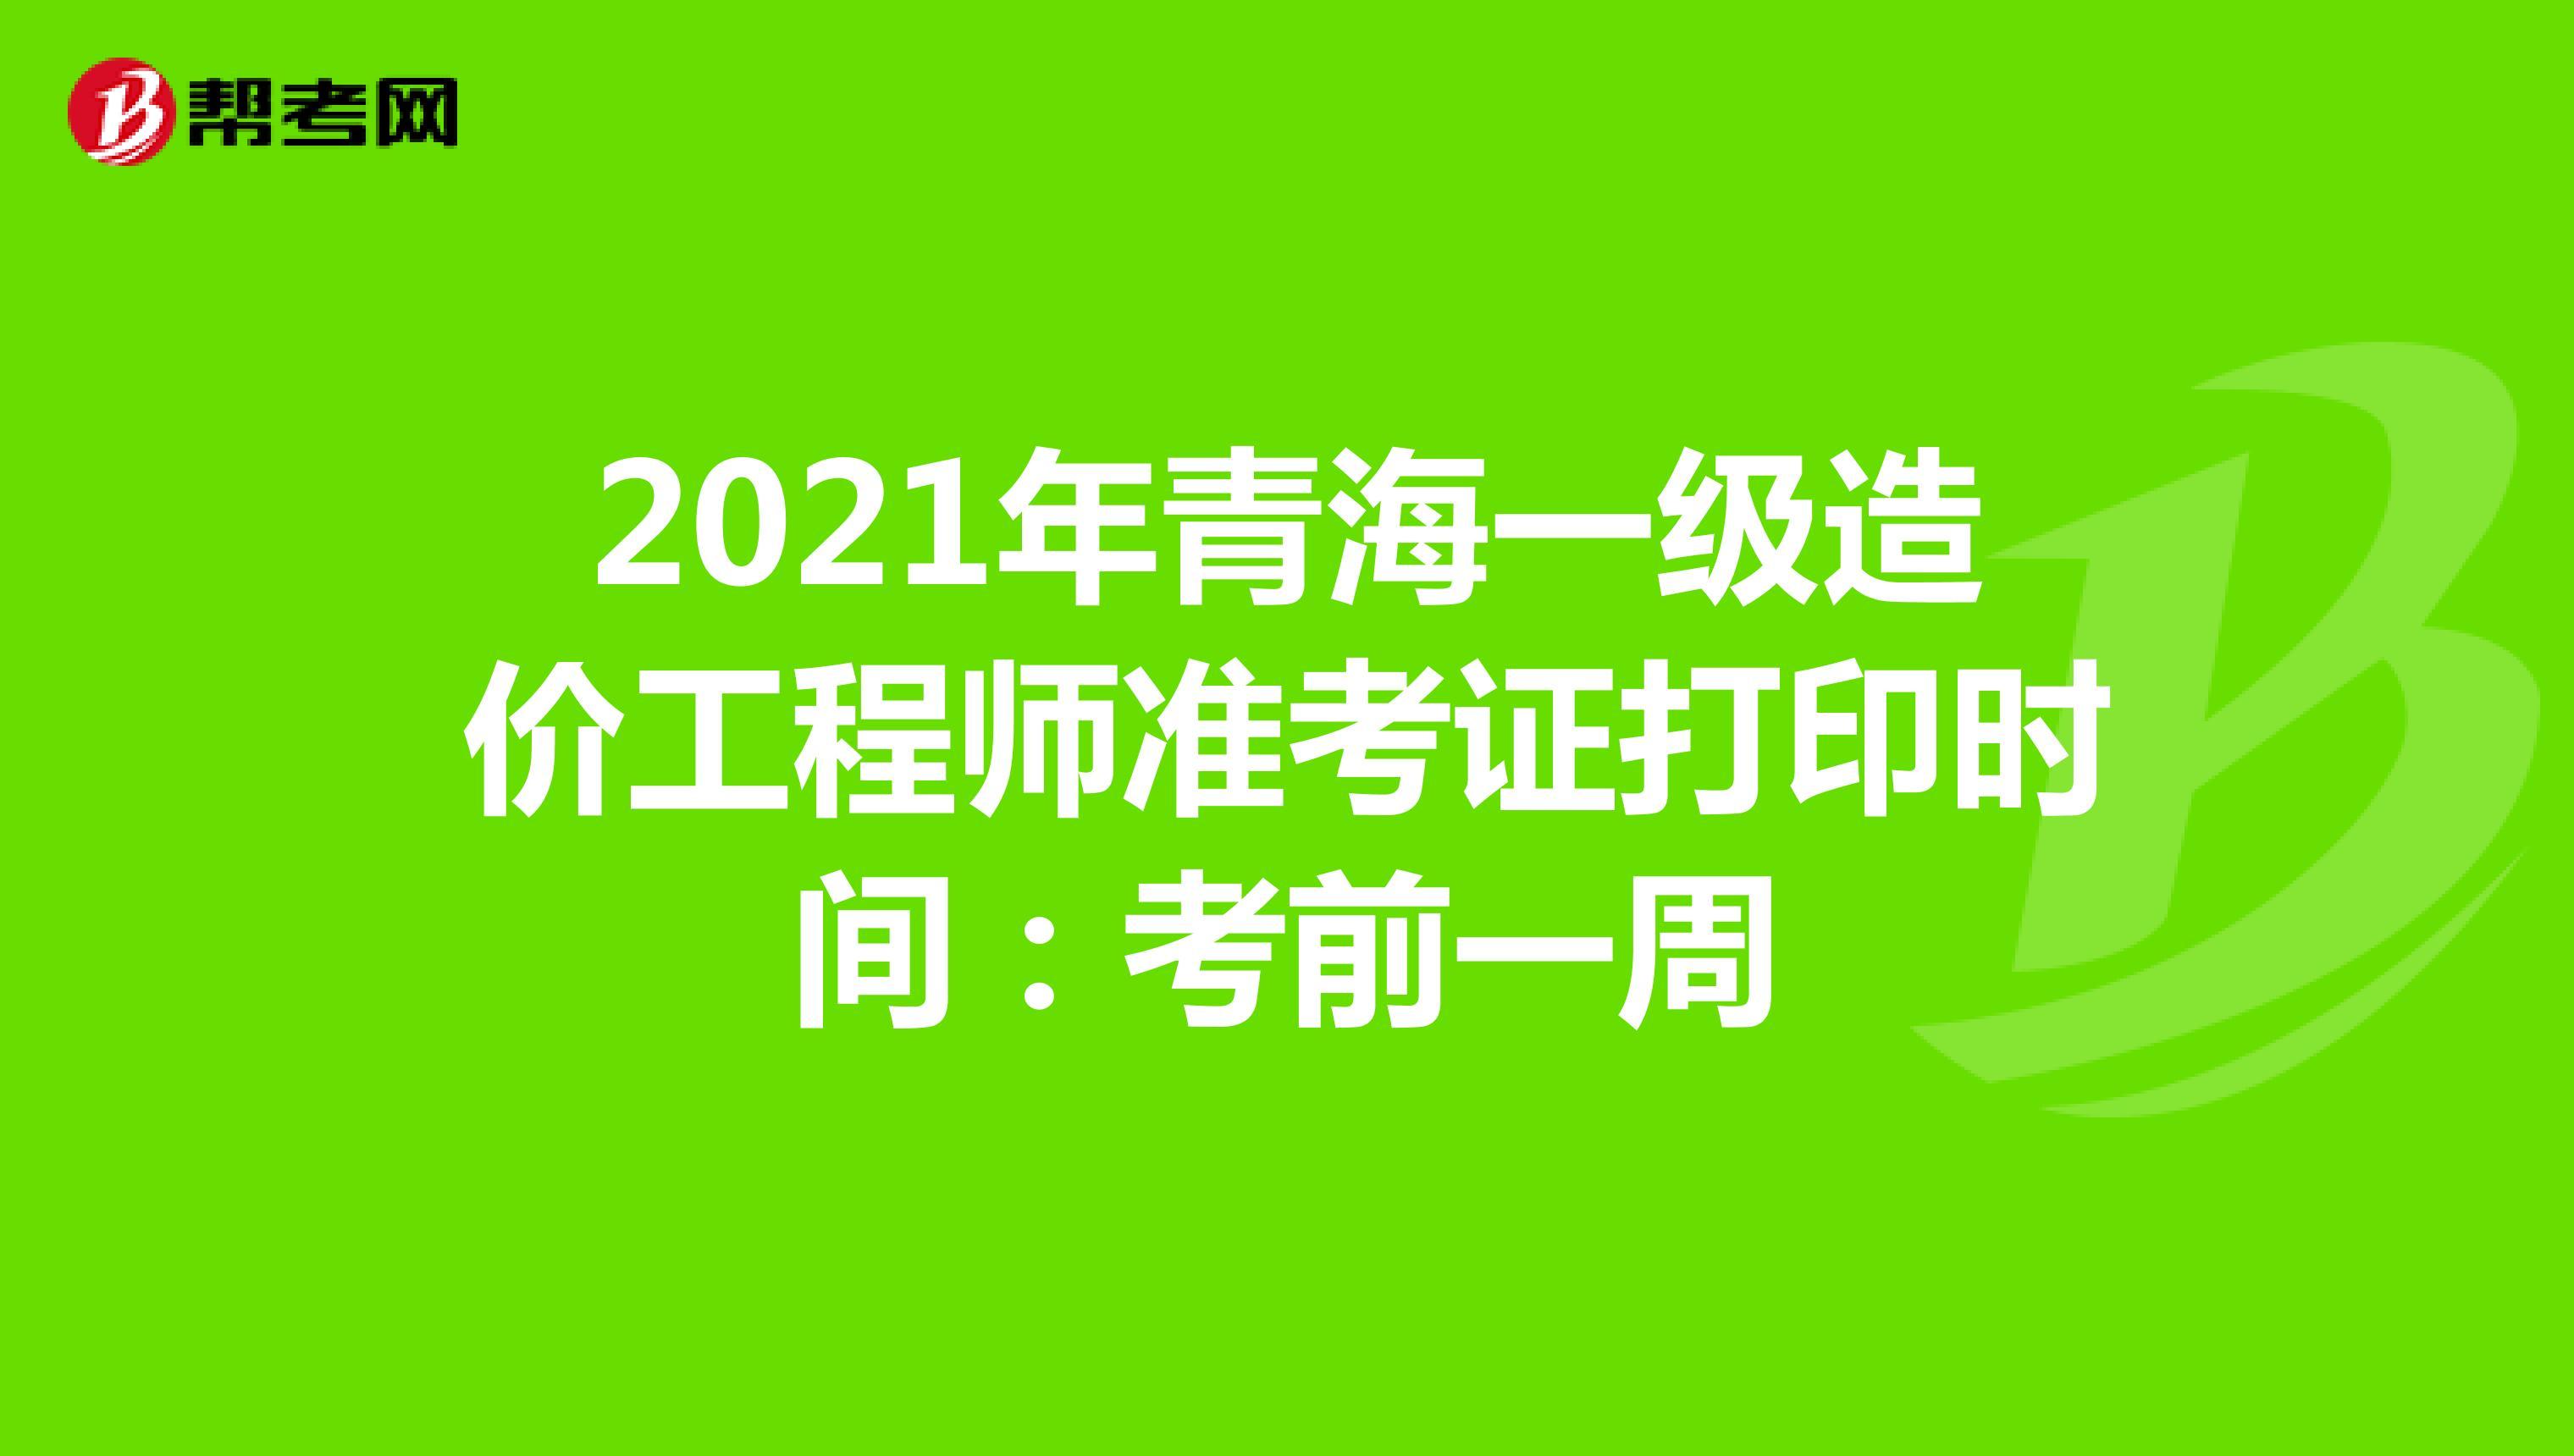 2021年青海一级造价工程师准考证打印时间:考前一周